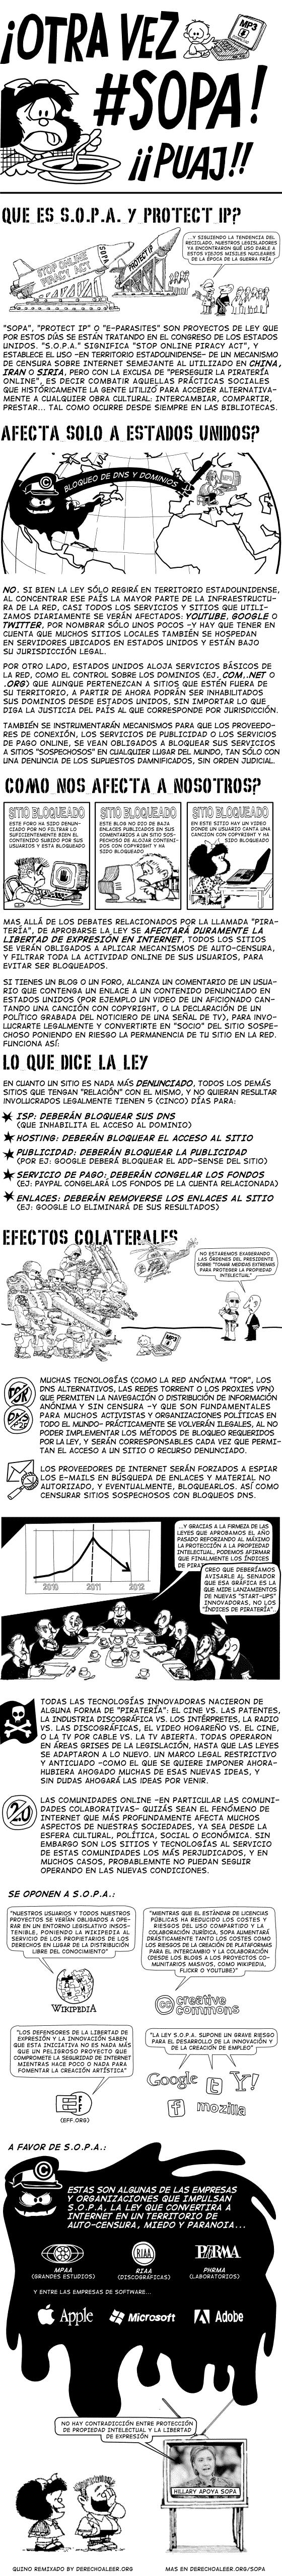 http://derechoaleer.org/images/2011/sopa/infografia-otra-vez-sopa-560.png